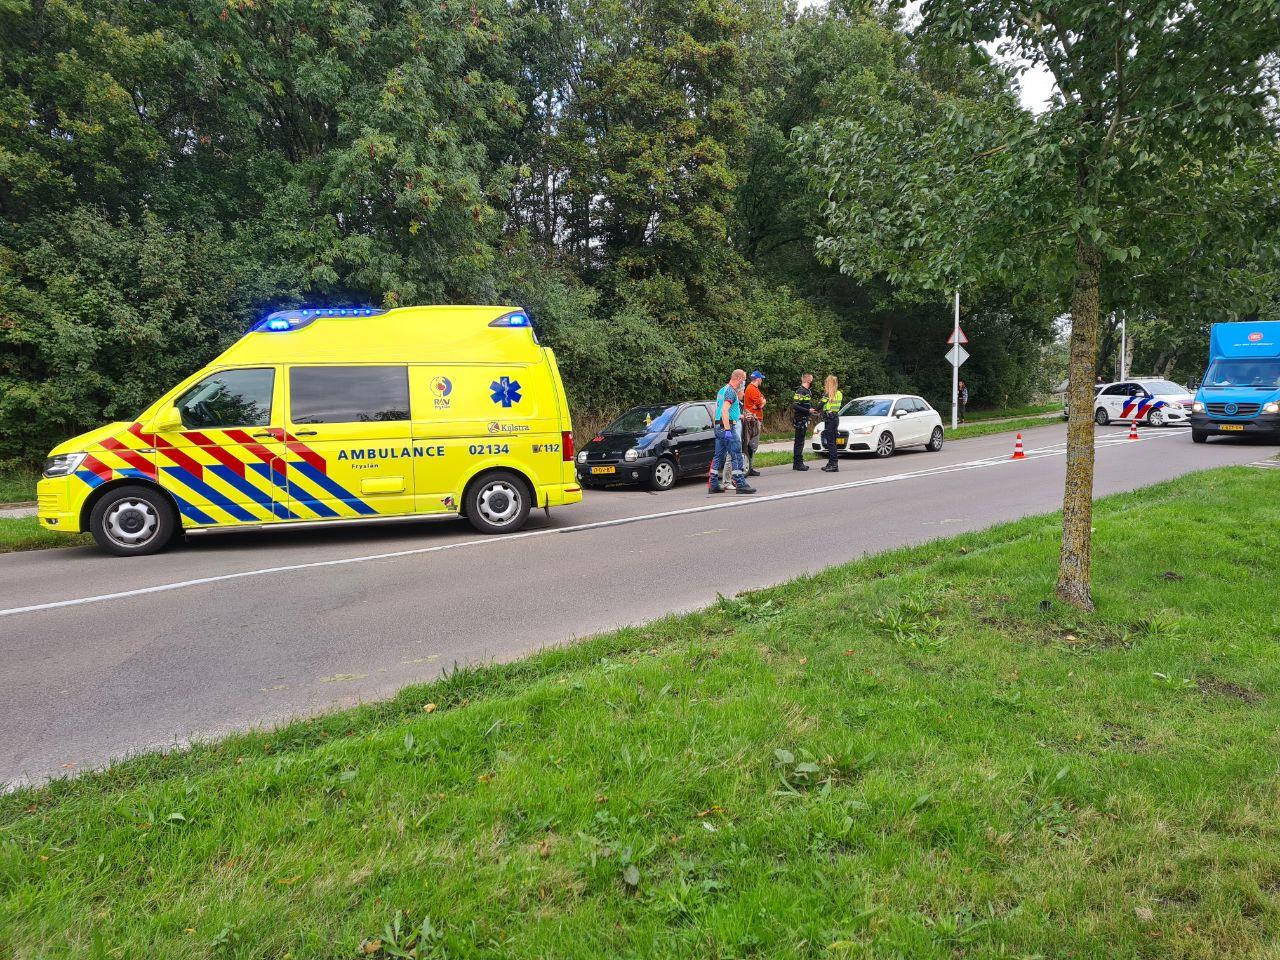 Fietser gewond na aanrijding met Auto op de oversteekplaats op de Oprijlaan in Drachten